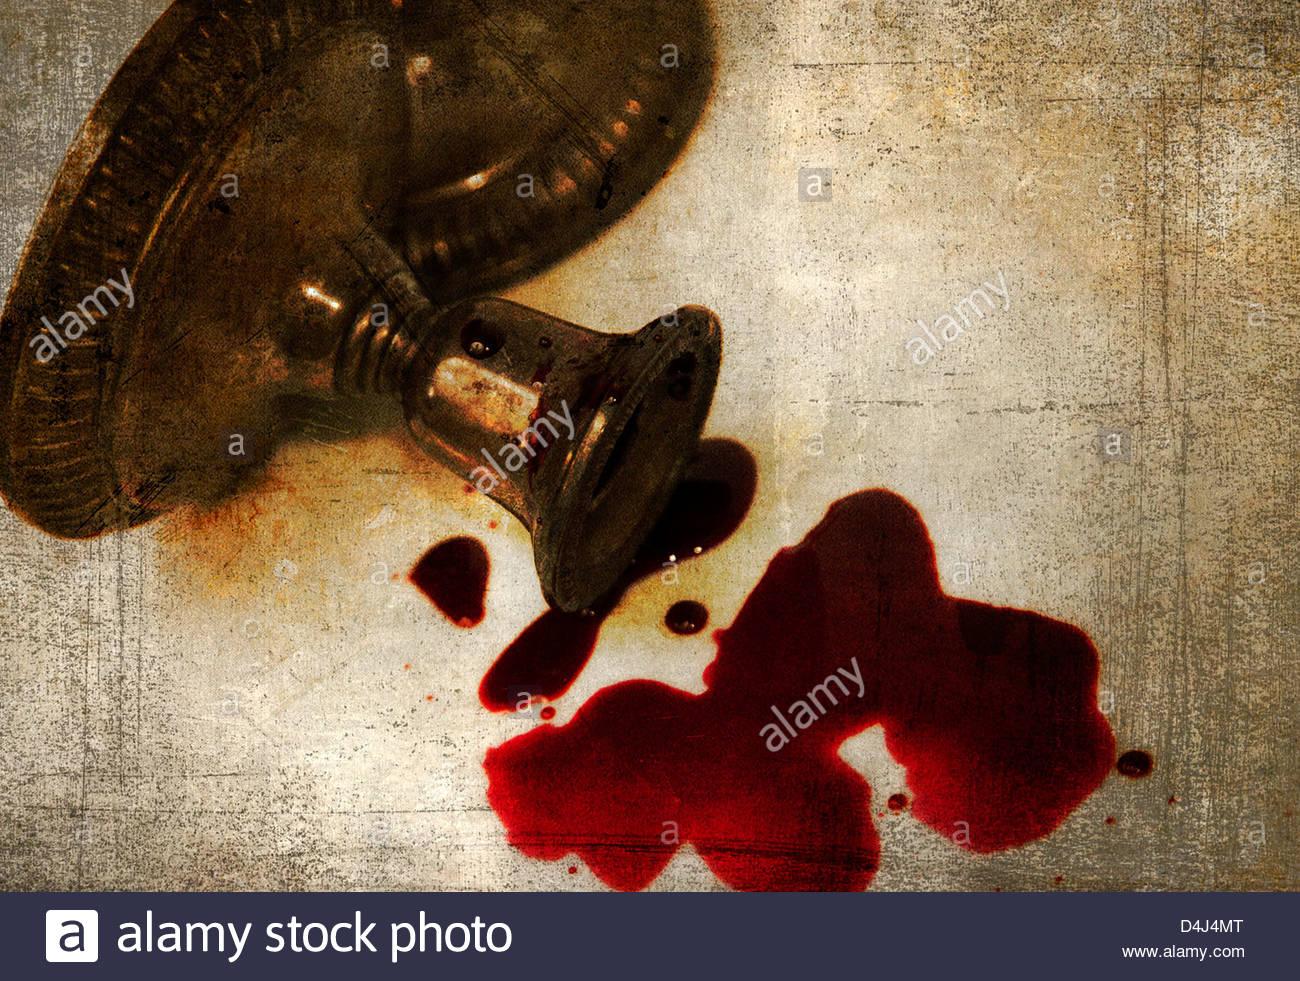 Chandelier d'argent sur le côté couvert de sang Photo Stock